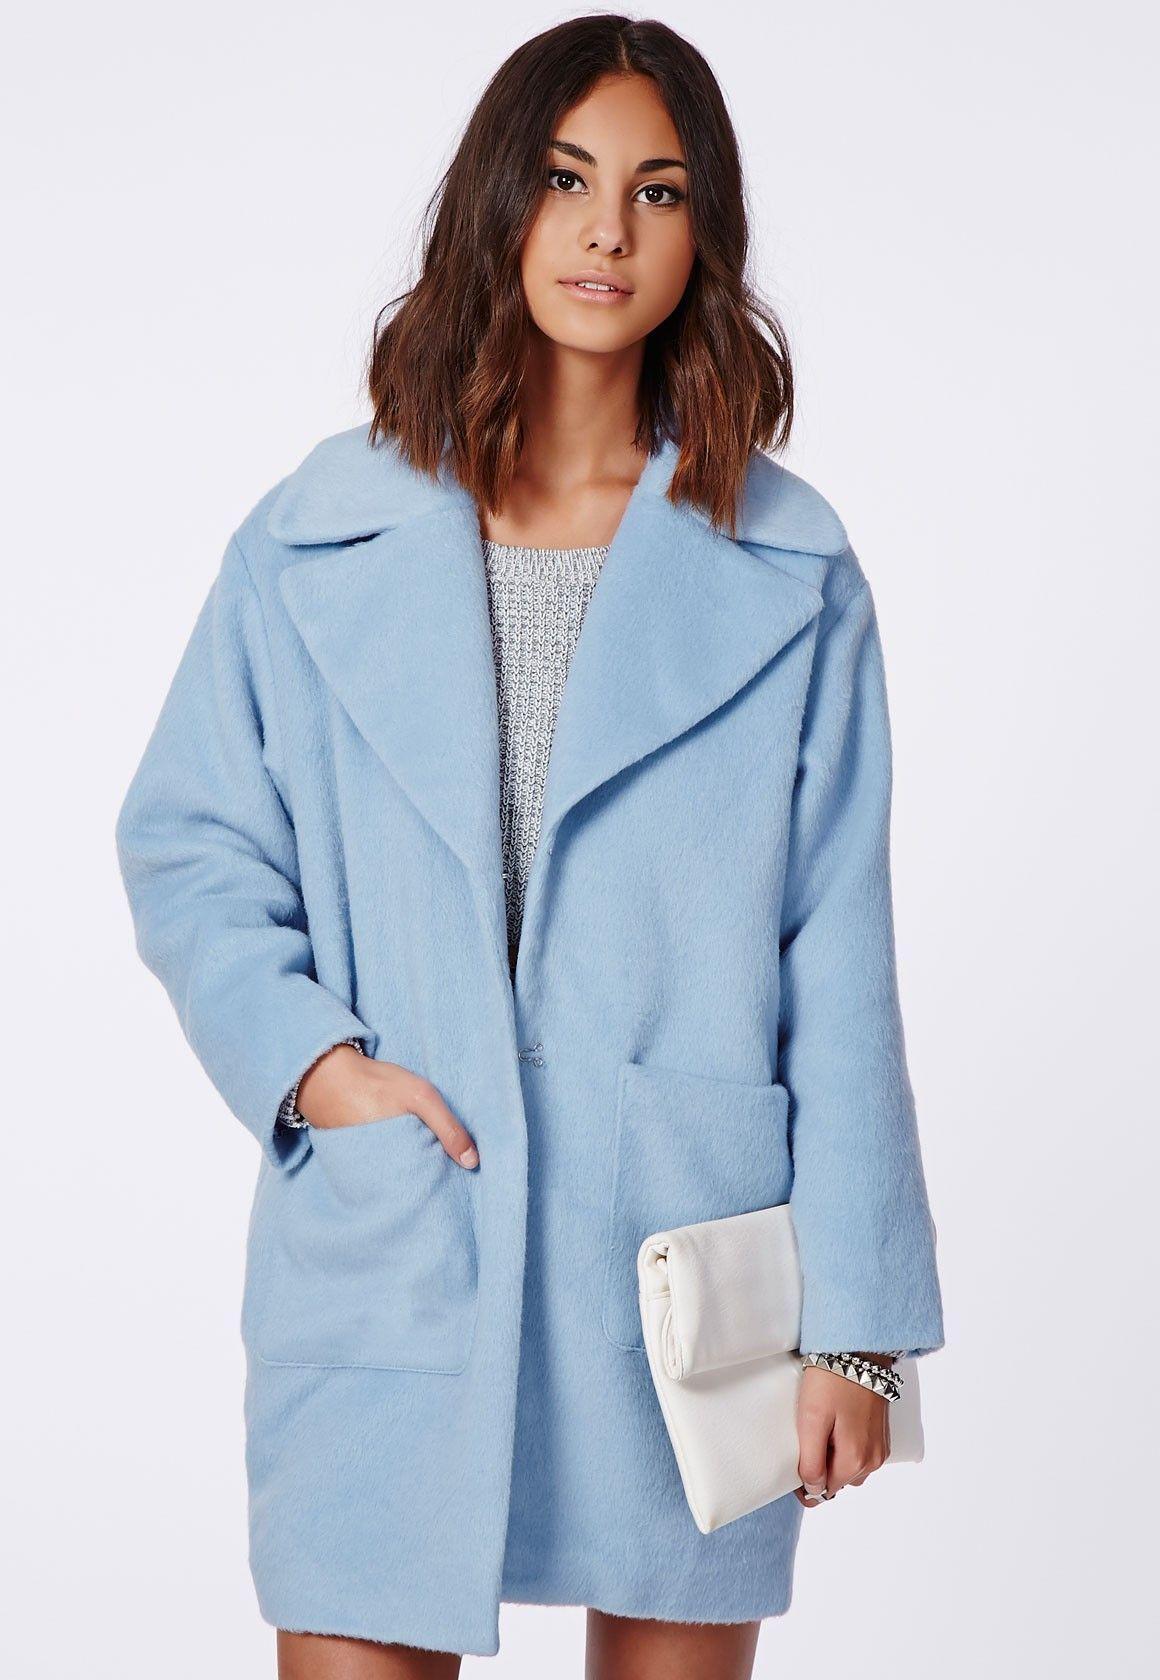 07001fec10 Lena Cocoon Coat Powder Blue - Coats And Jackets - Missguided ...